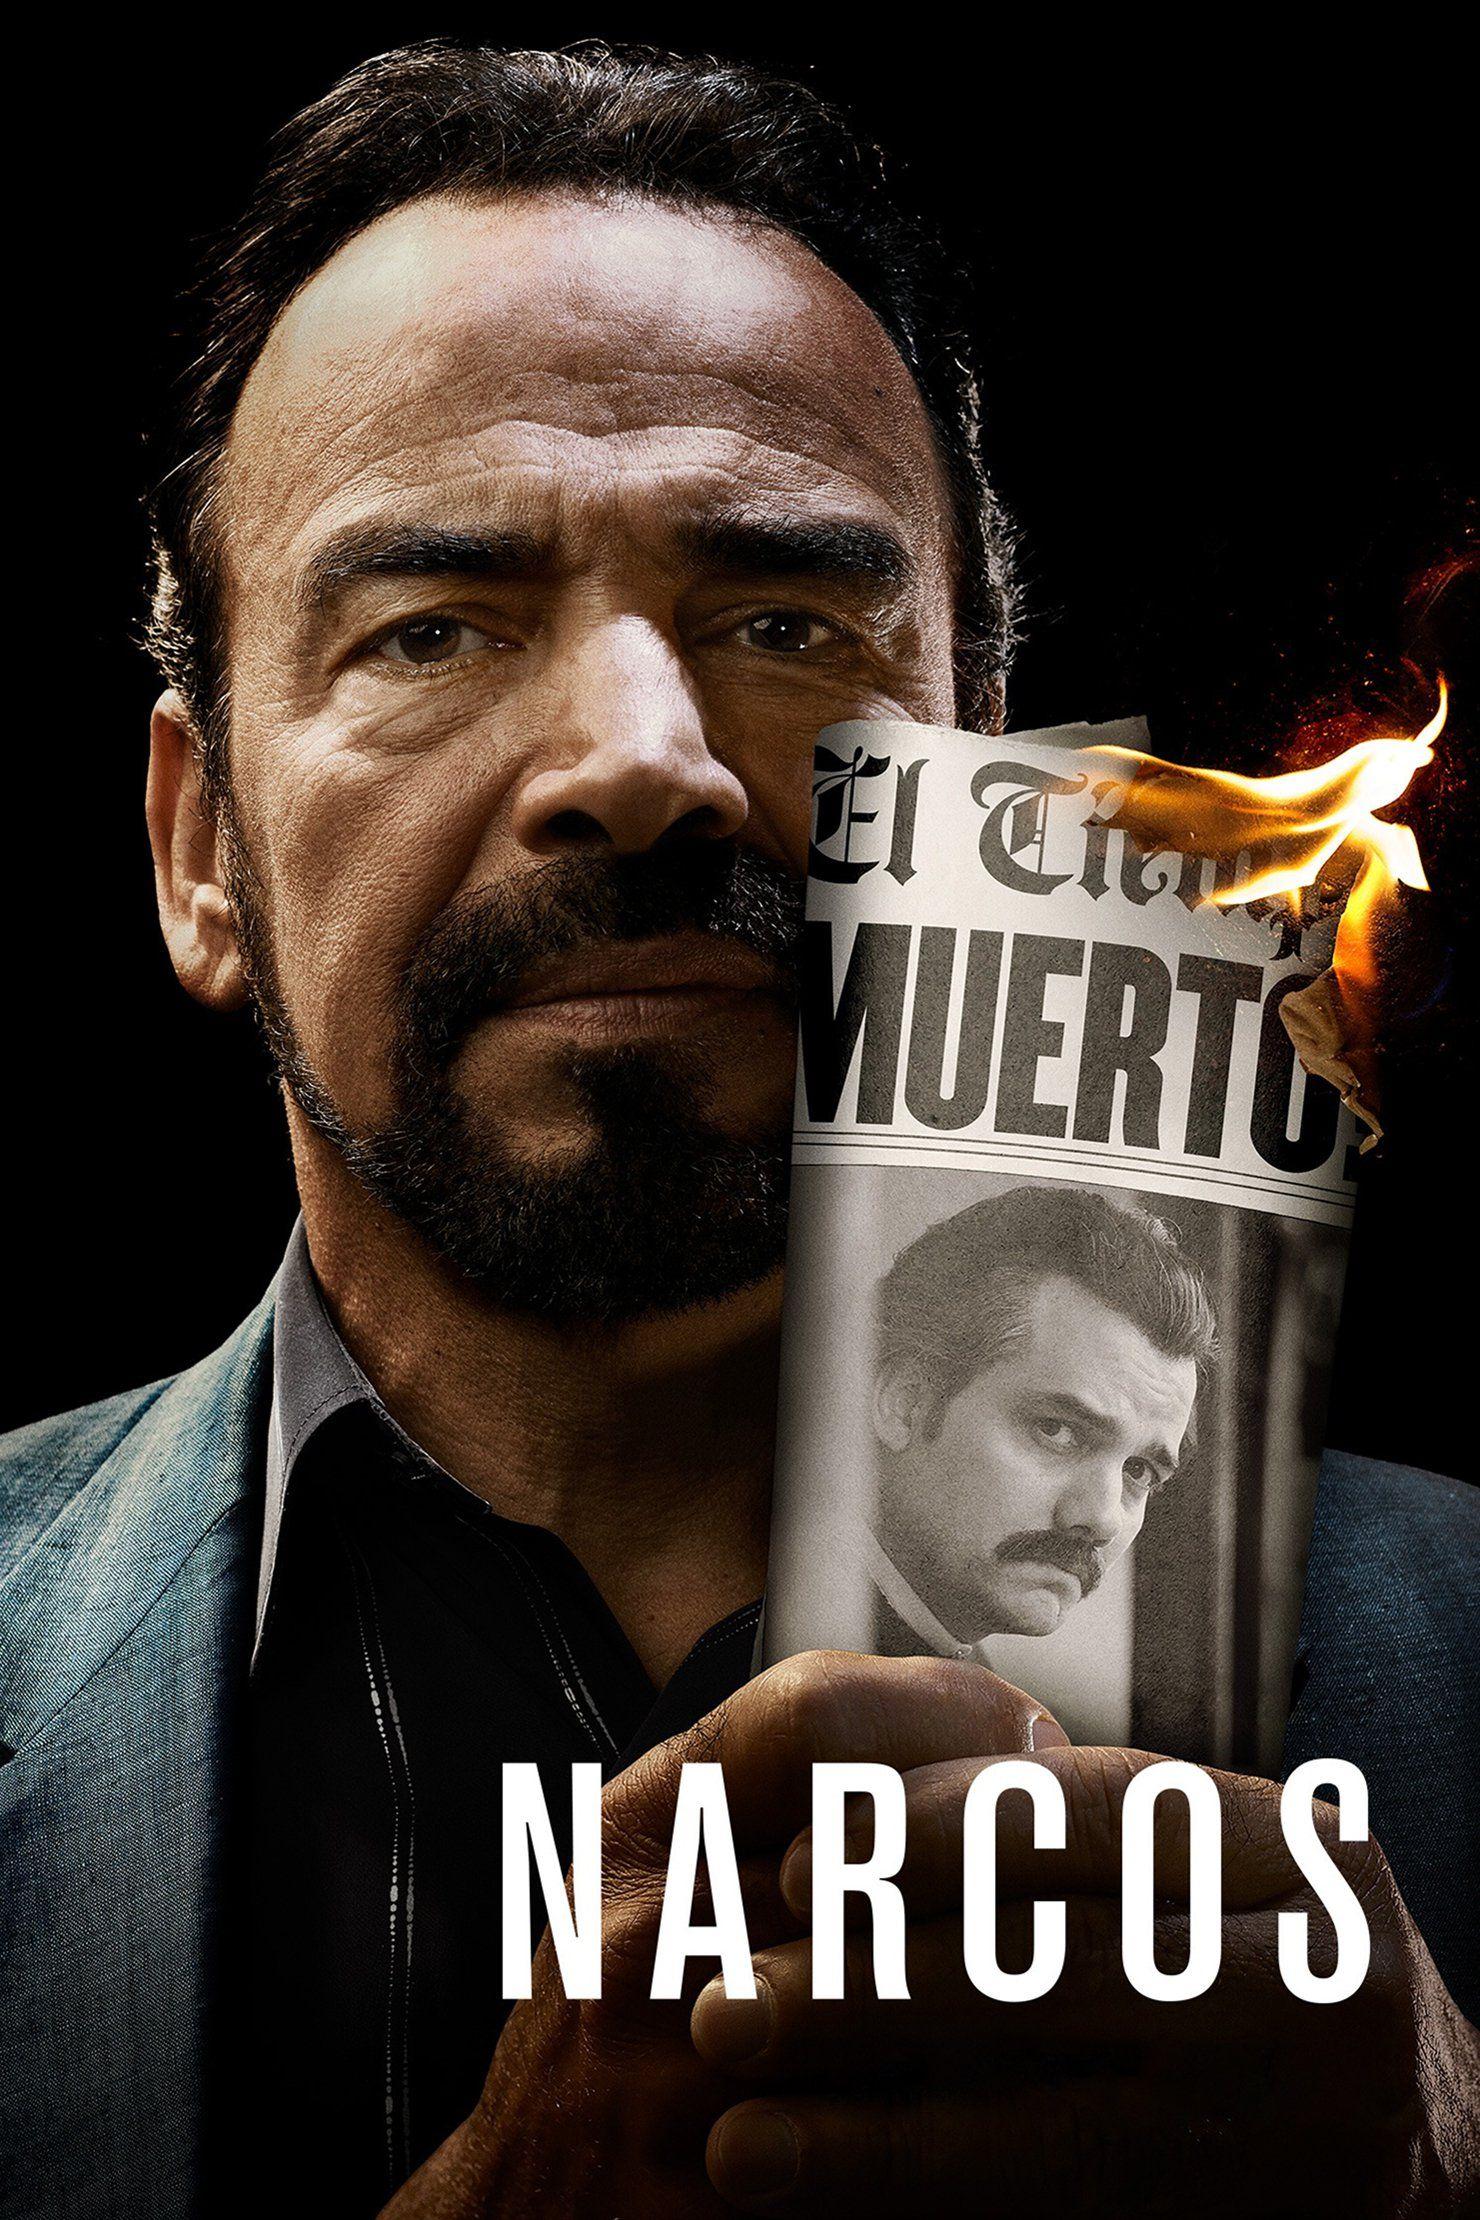 narcos ita